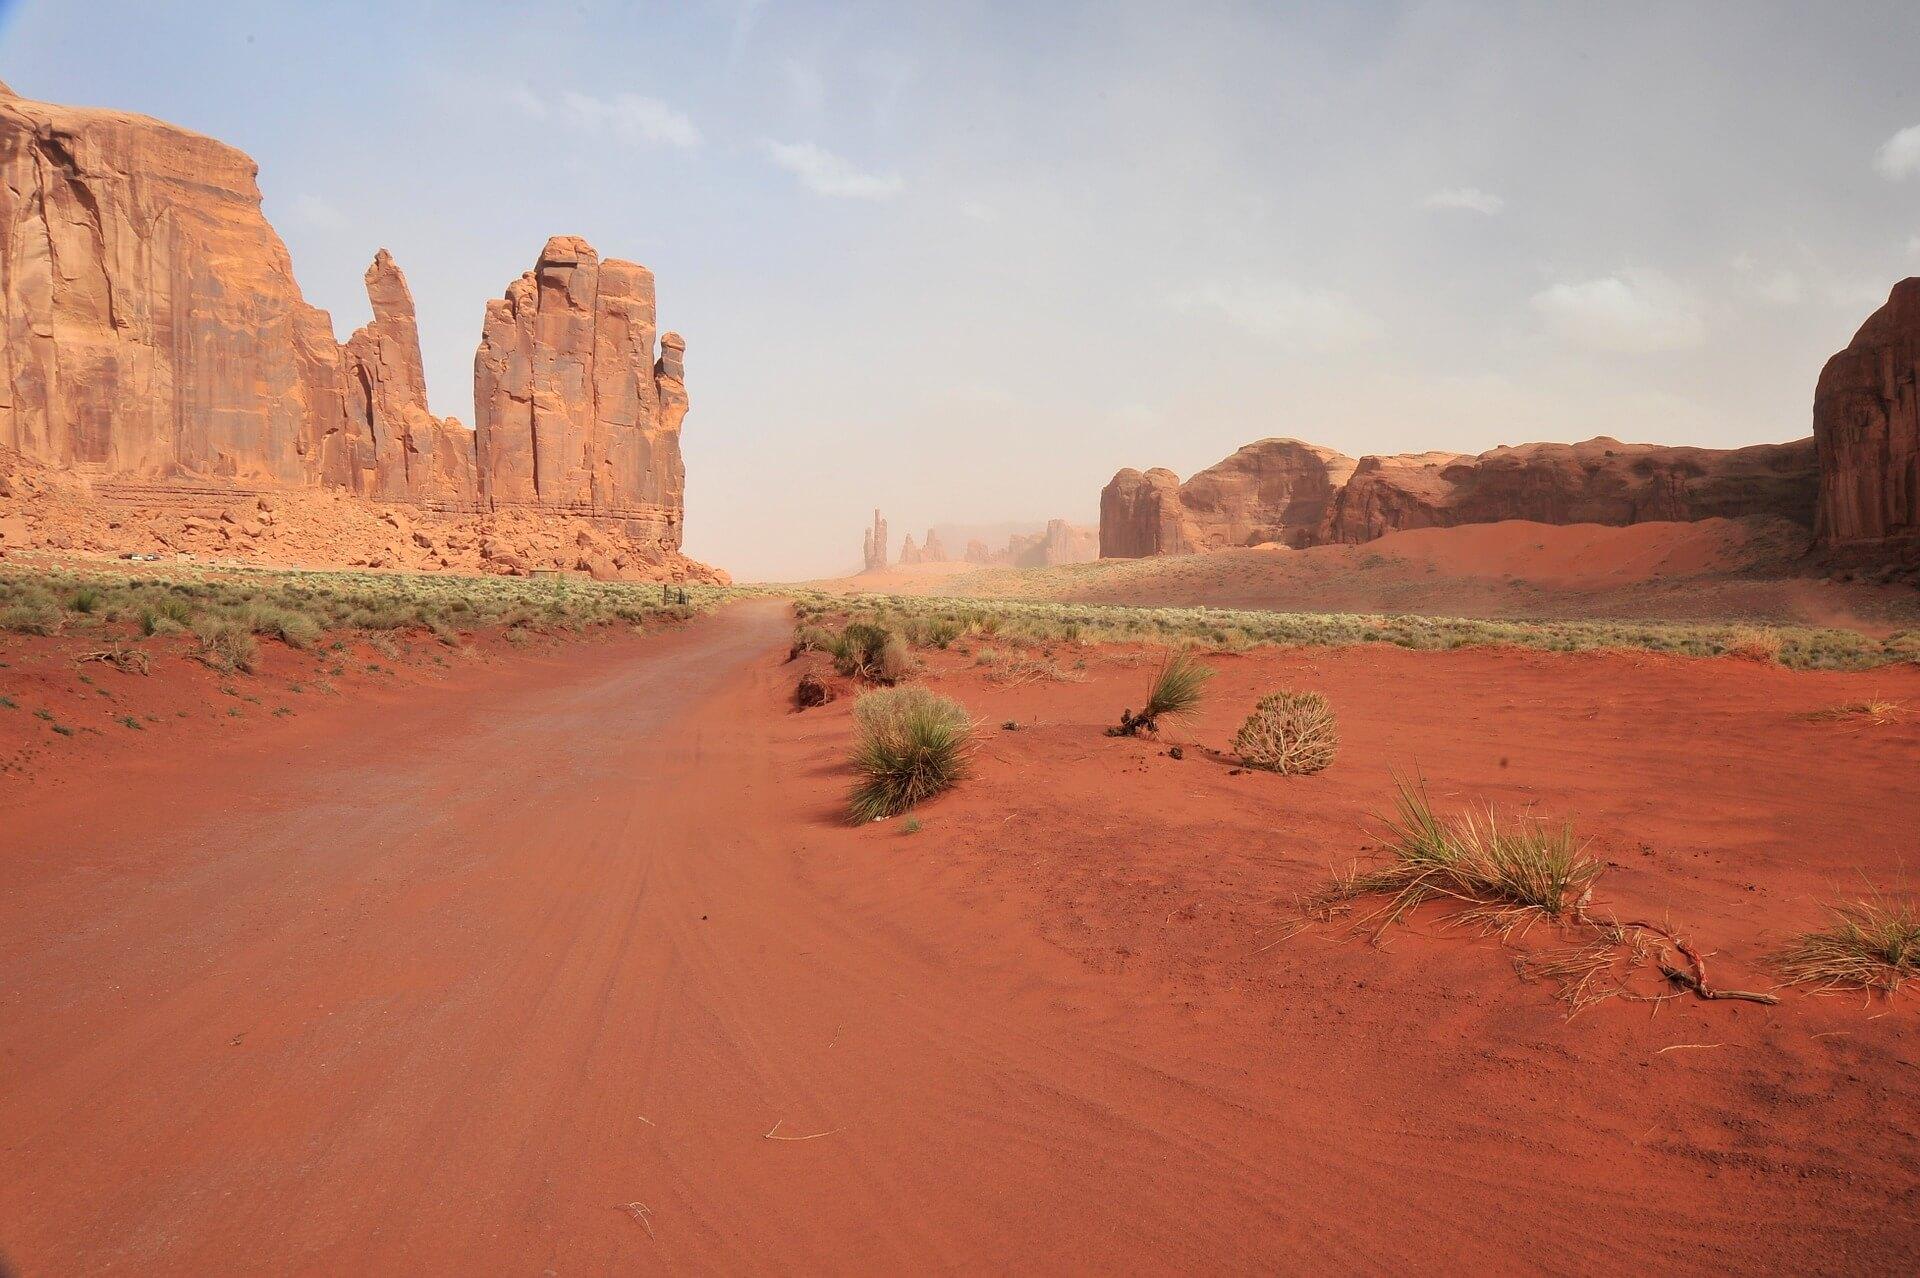 Klippen in einer australischen Wüste